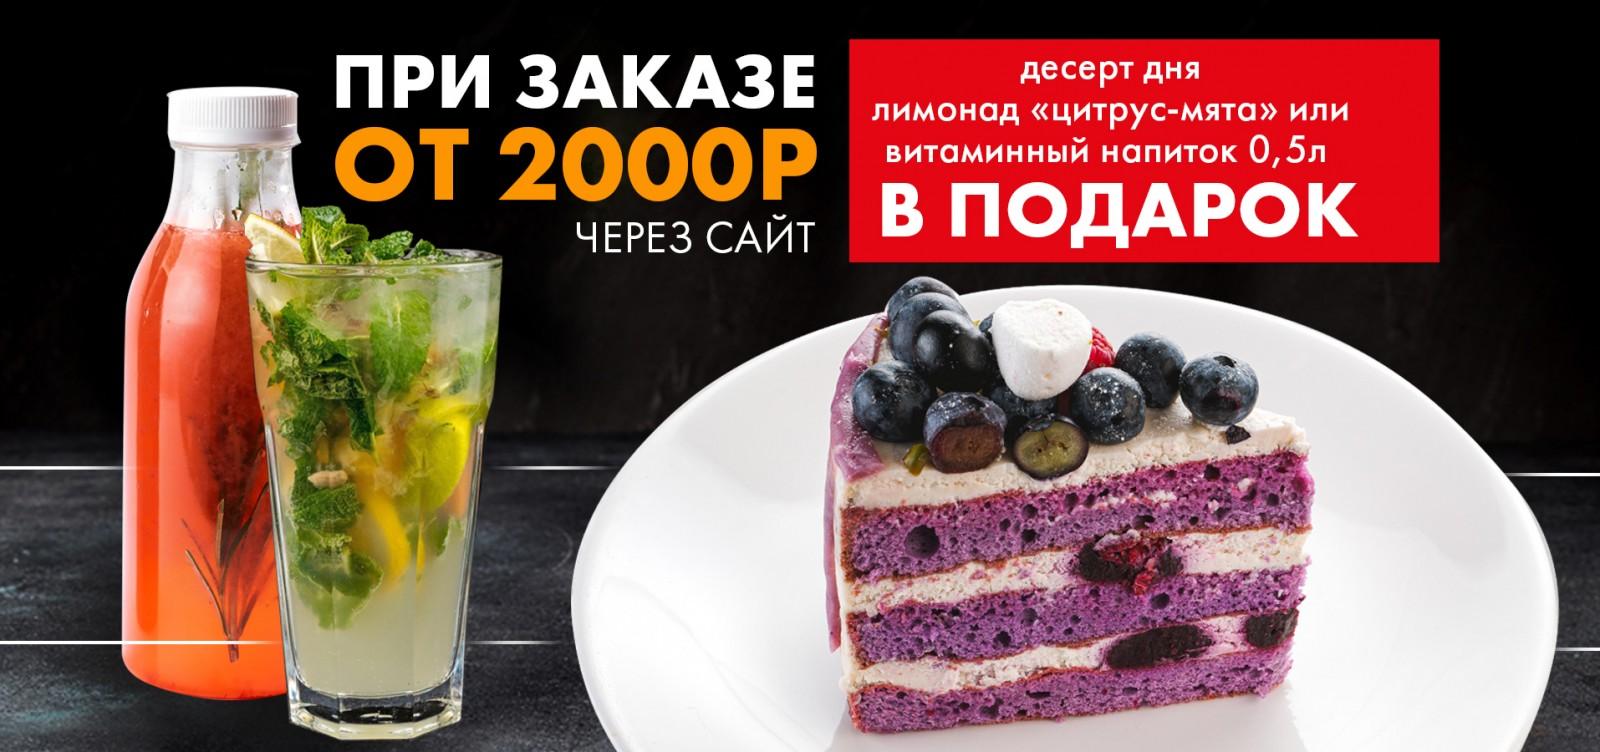 Десерт в подарок!